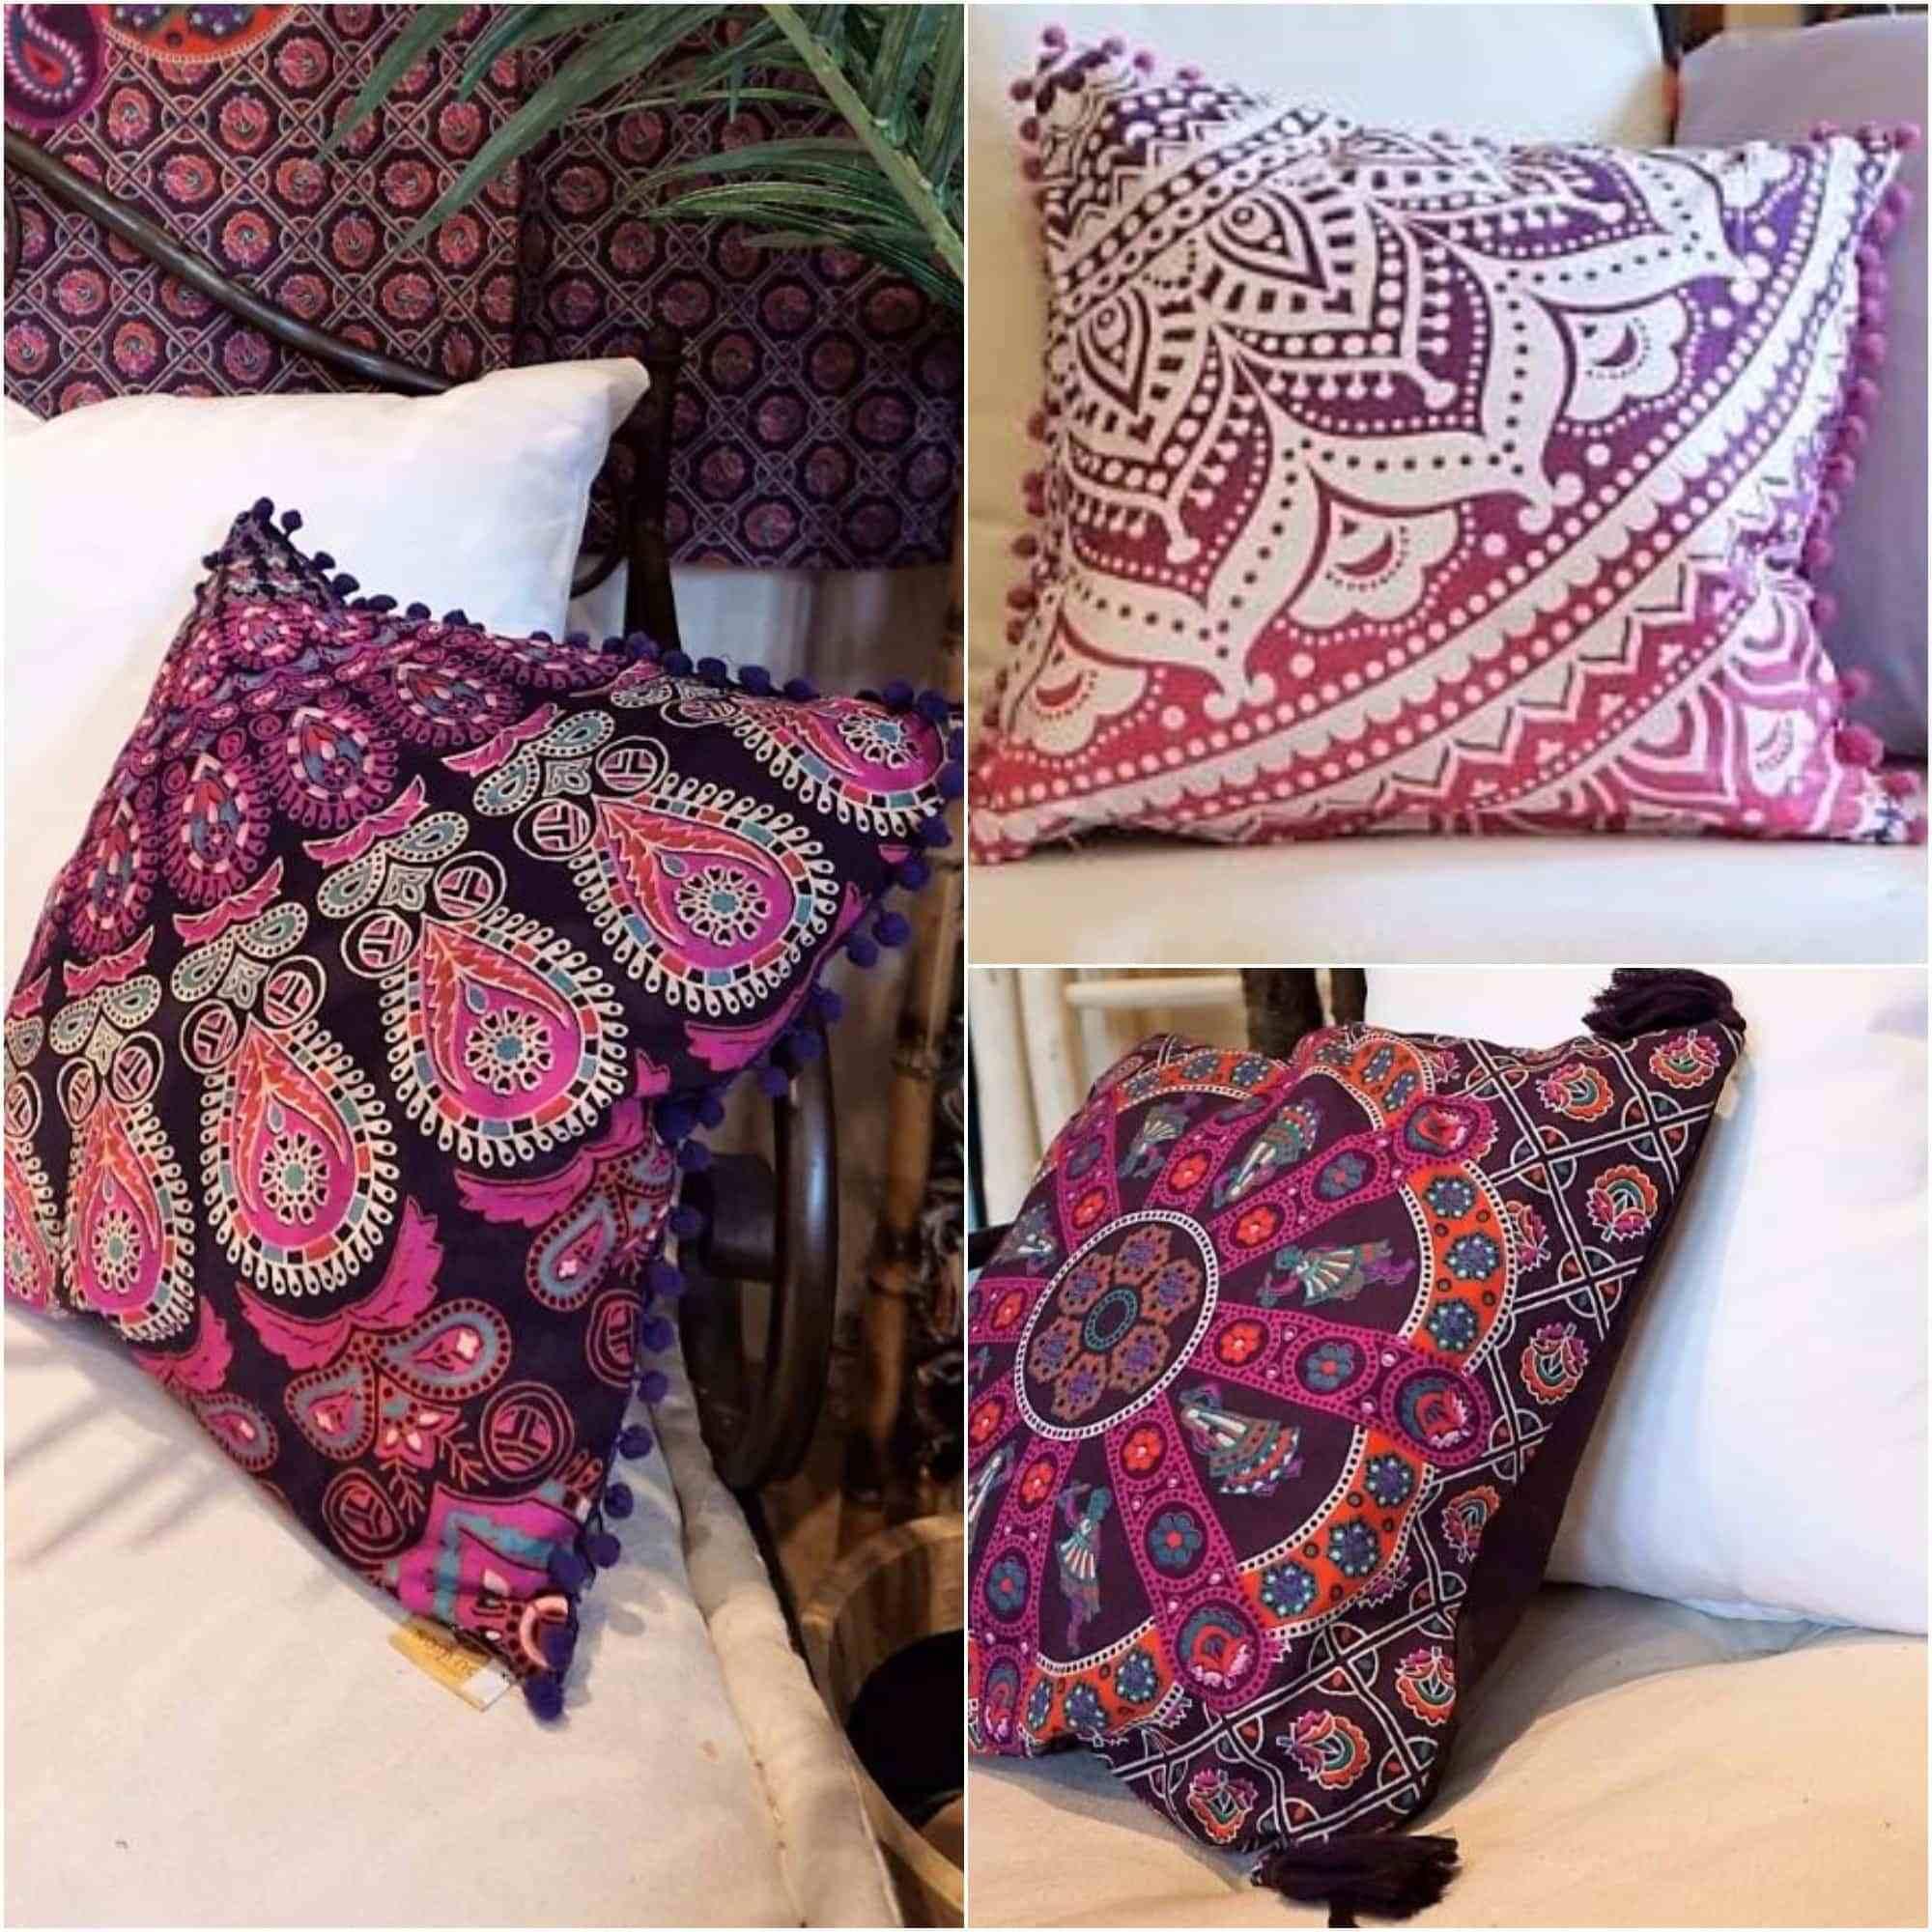 Lila orientalisch bei sam nok style hannover blog for Kissen orientalischen stil